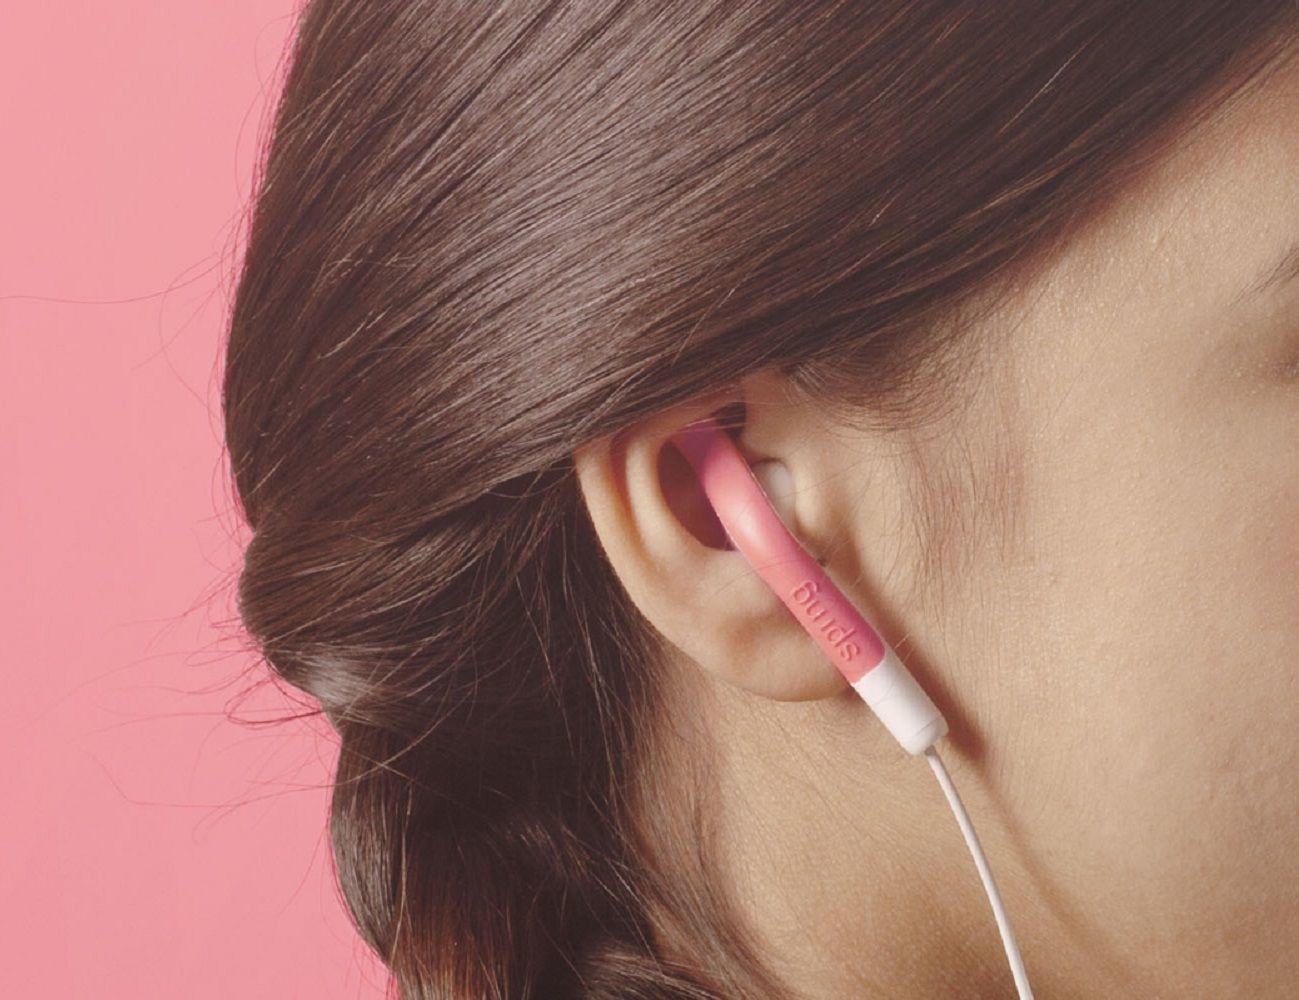 Sprngclip For Apple EarPods